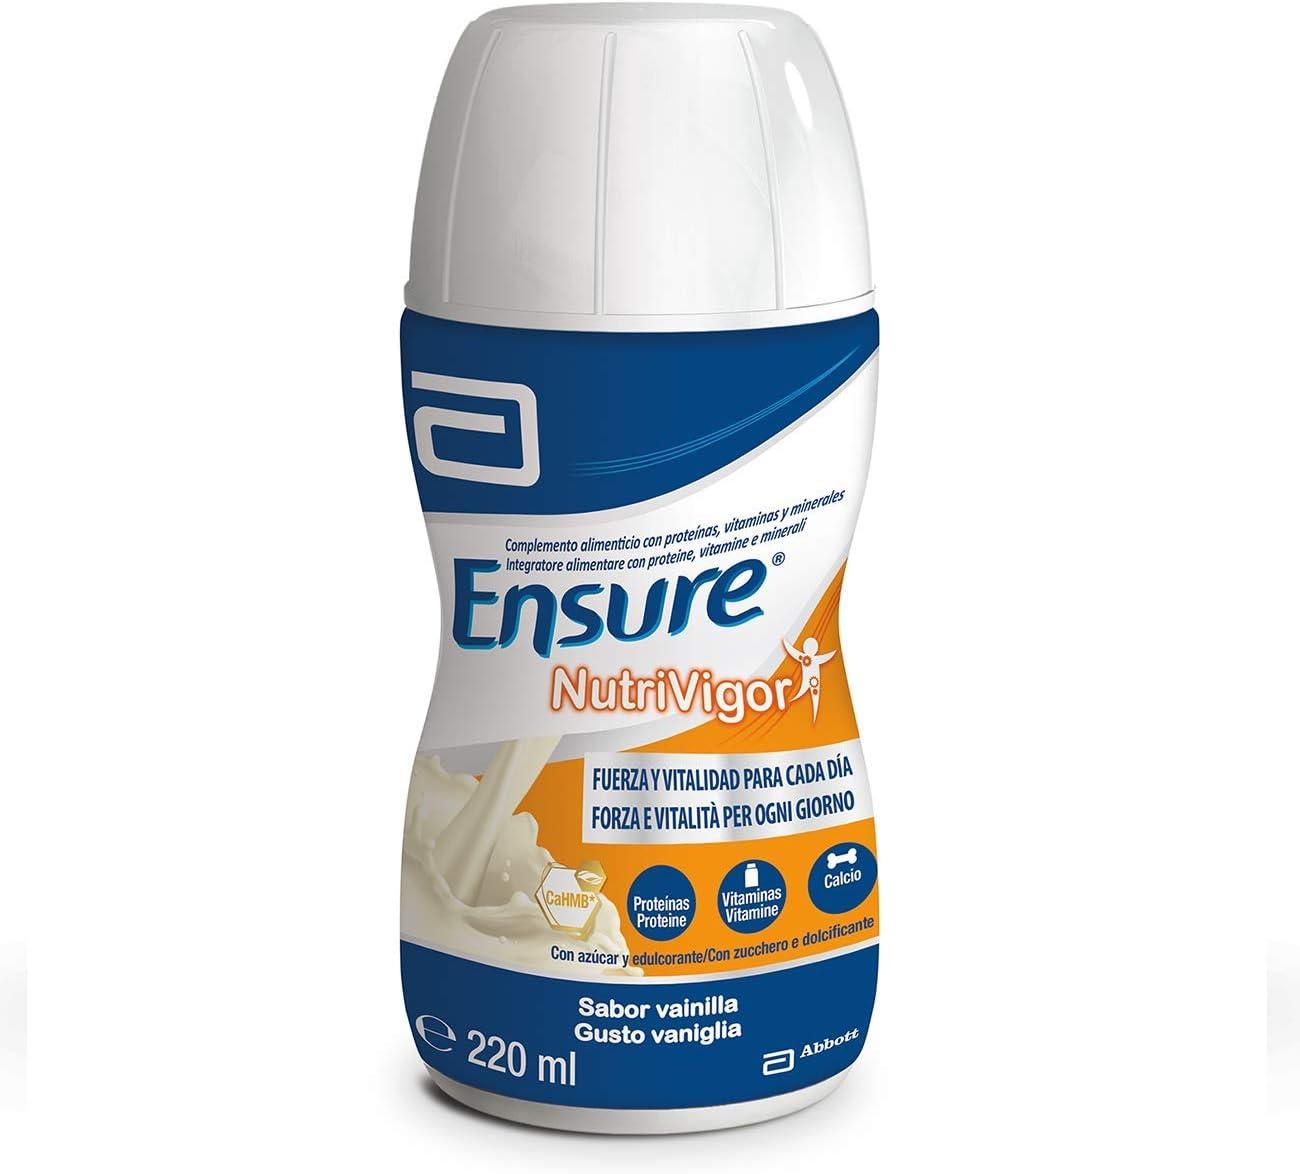 Ensure Nutrivigor - Complemento Alimenticio para Adultos, con HMB, Proteínas, Vitaminas y Minerales, como el Calcio - Sabor Vainilla - Pack de 4 ...